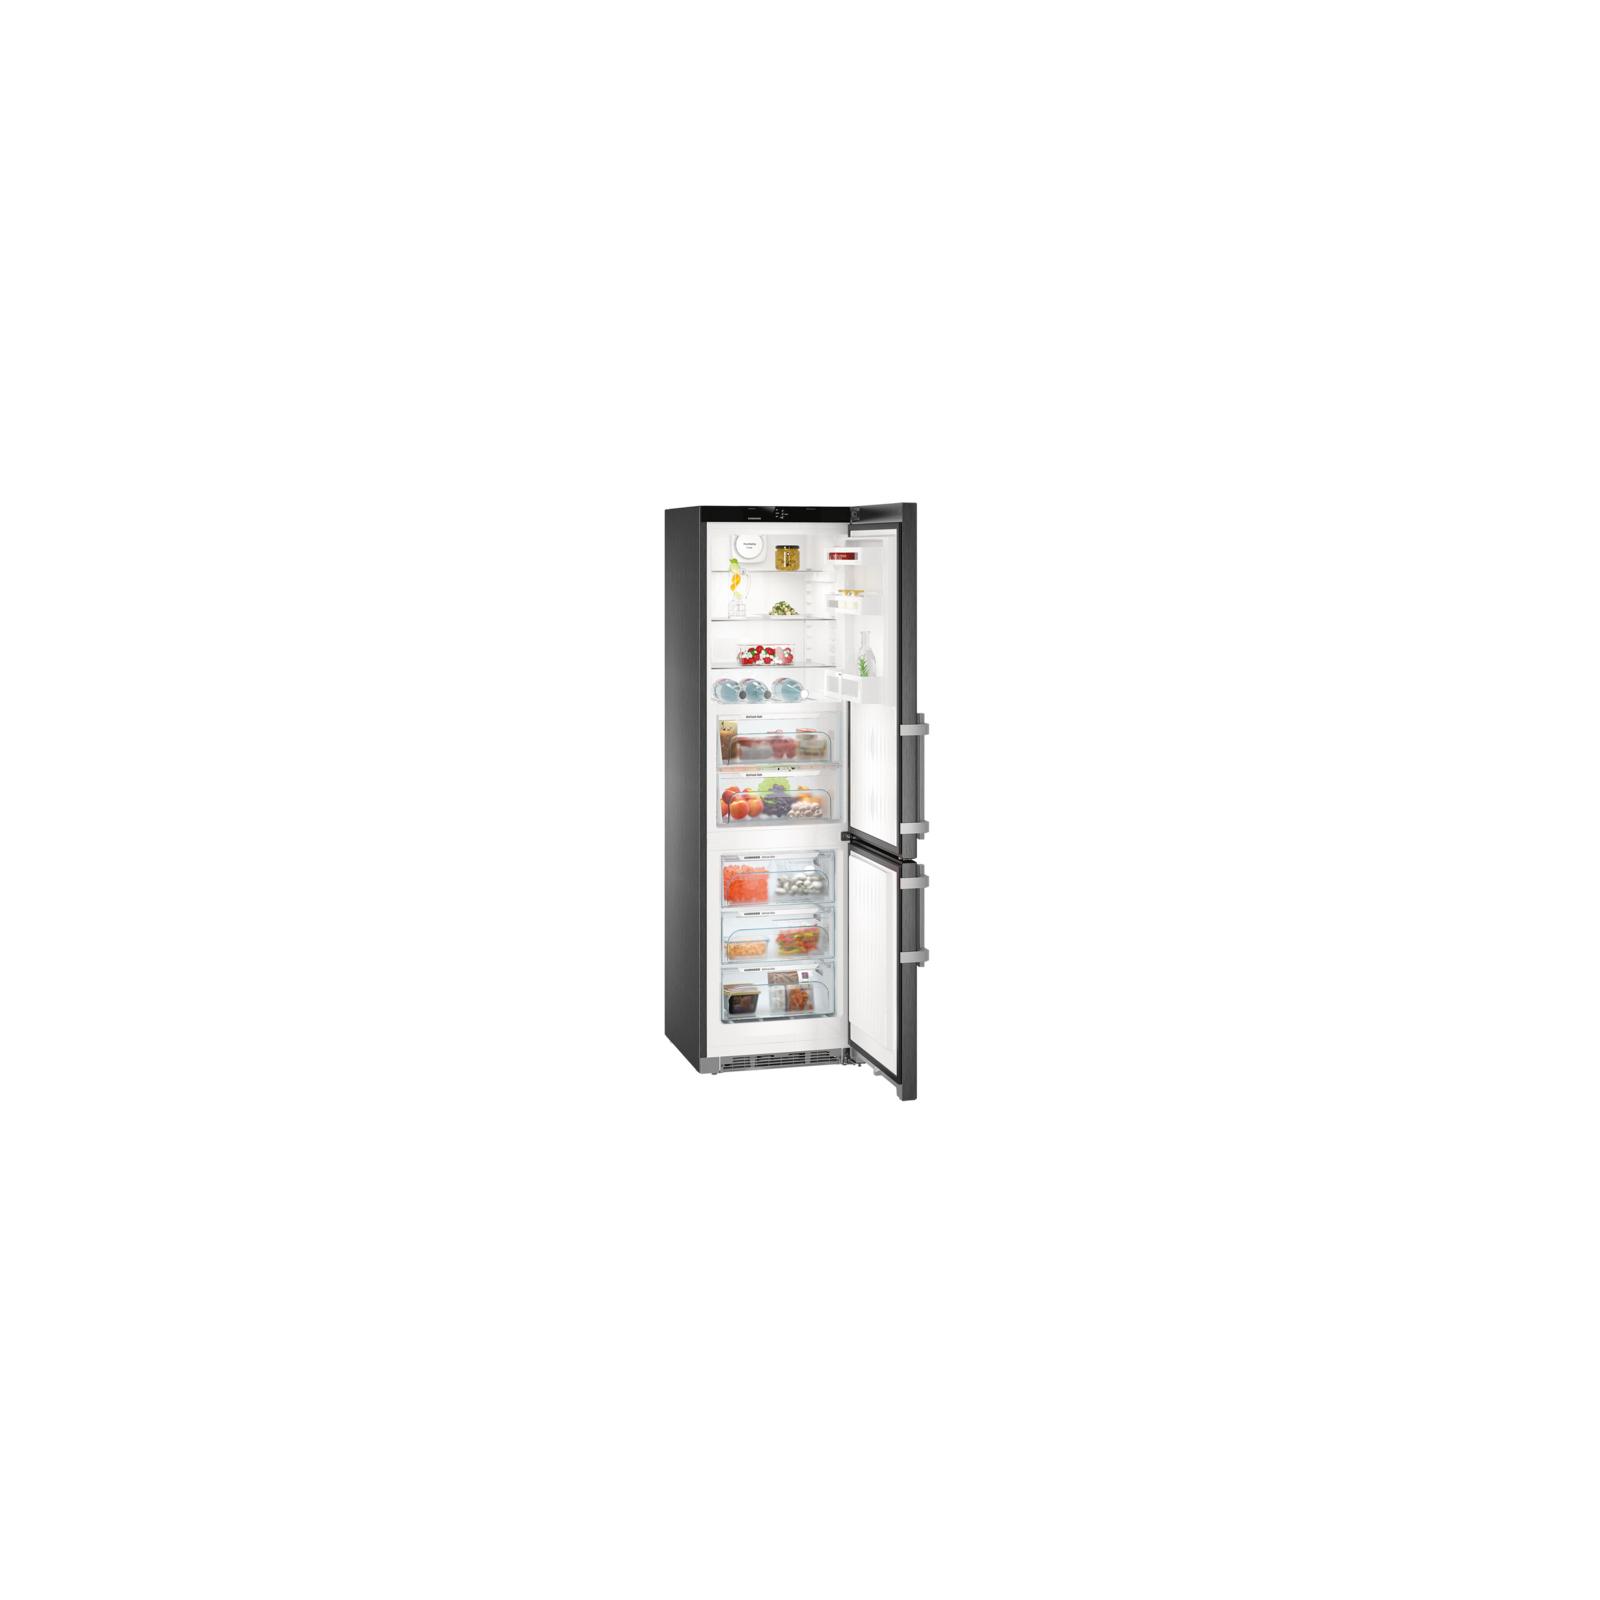 Холодильник Liebherr CBNbs 4815 изображение 4